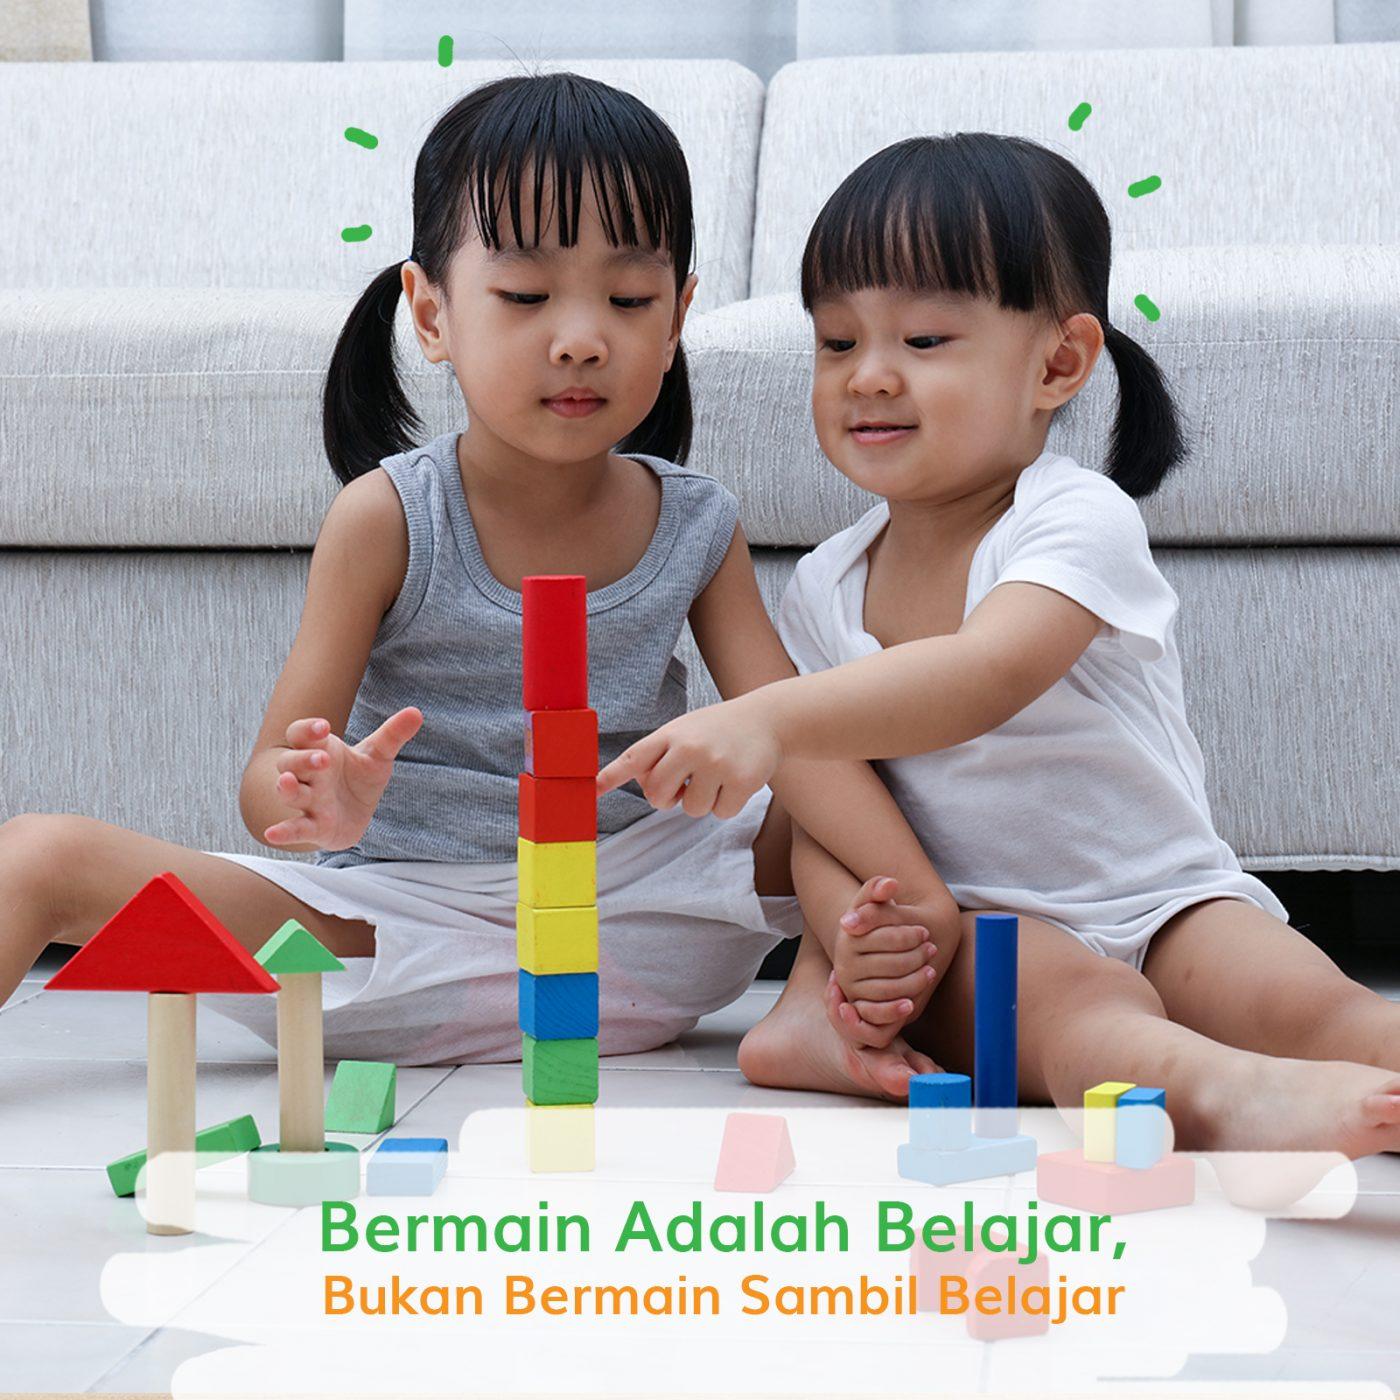 Image BERMAIN ADALAH BELAJAR BUKAN BERMAIN SAMBIL BELAJAR